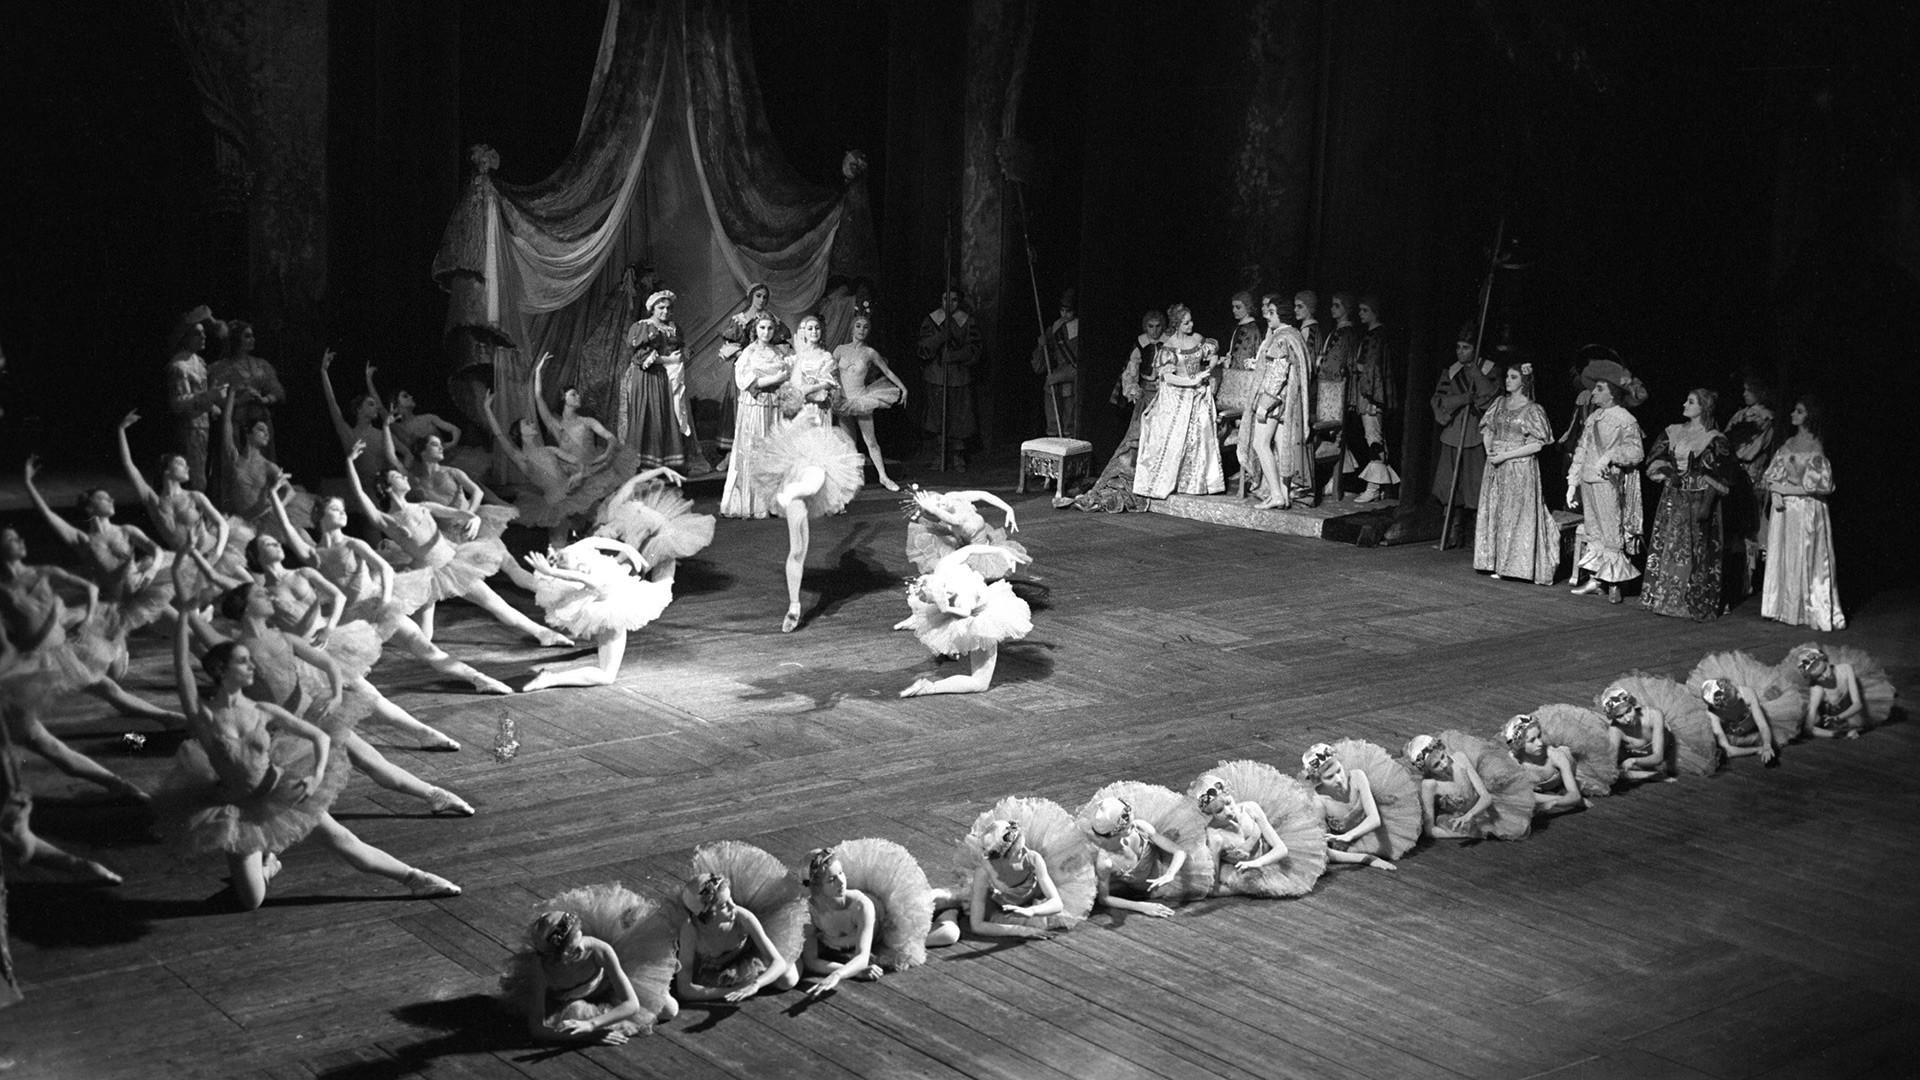 Državno gledališče opere in baleta Kirova. Balet Trnuljčica, z glasbo Čajkovskega in koreografijo Mariusa Petipaja.